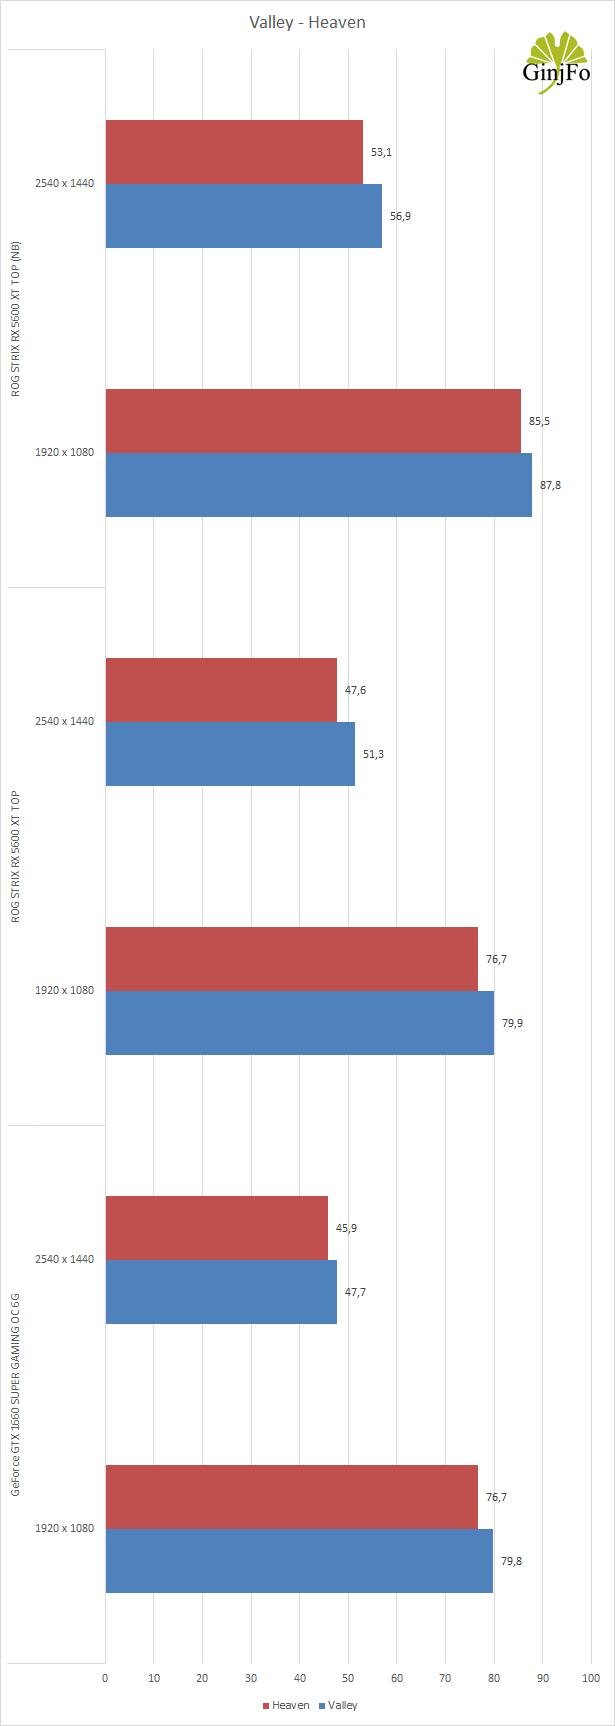 ROG Strix Radeon RX 5600 XT TOP d'Asus - Performances